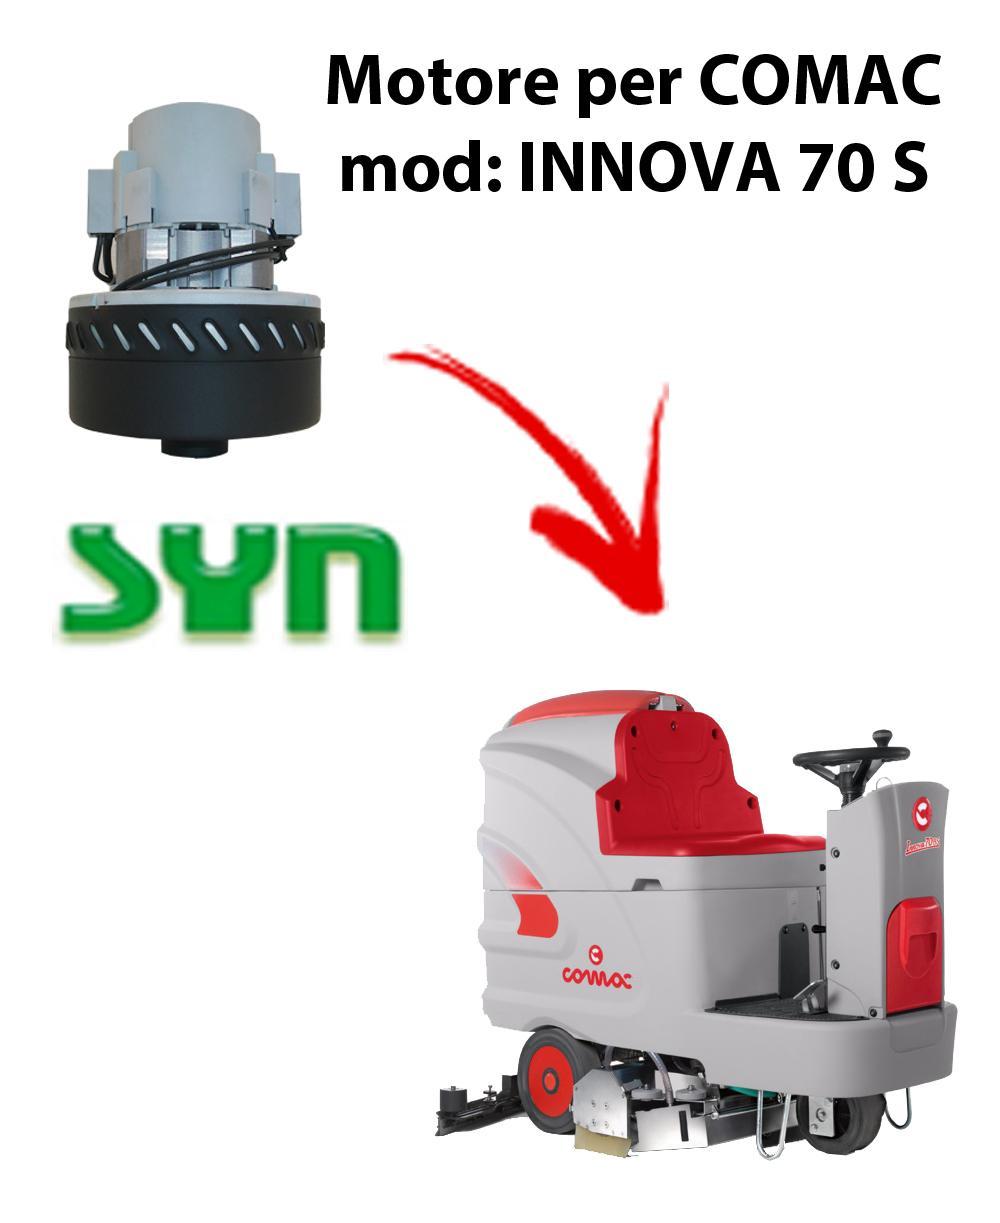 INNOVA 70 S Motore aspirazione SYN per lavapavimenti Comac